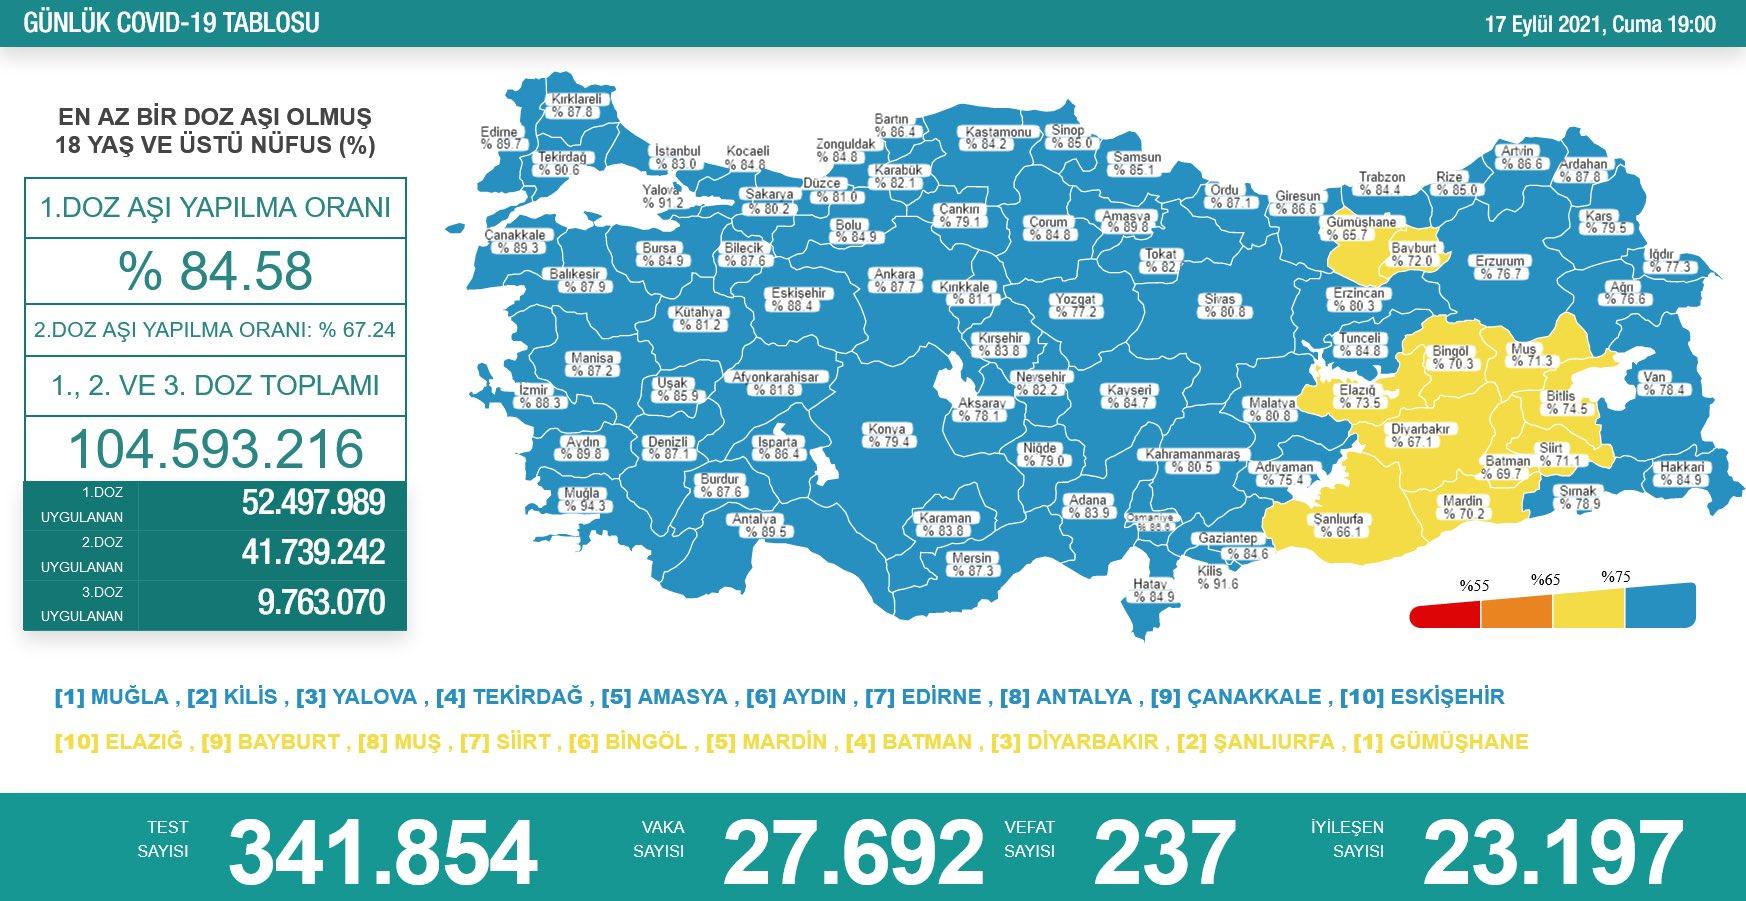 18 Eylül 2021 Cumartesi Türkiye Günlük Koronavirüs Tablosu | Bugünkü korona tablosu | Vaka ve ölüm sayısı kaç oldu?